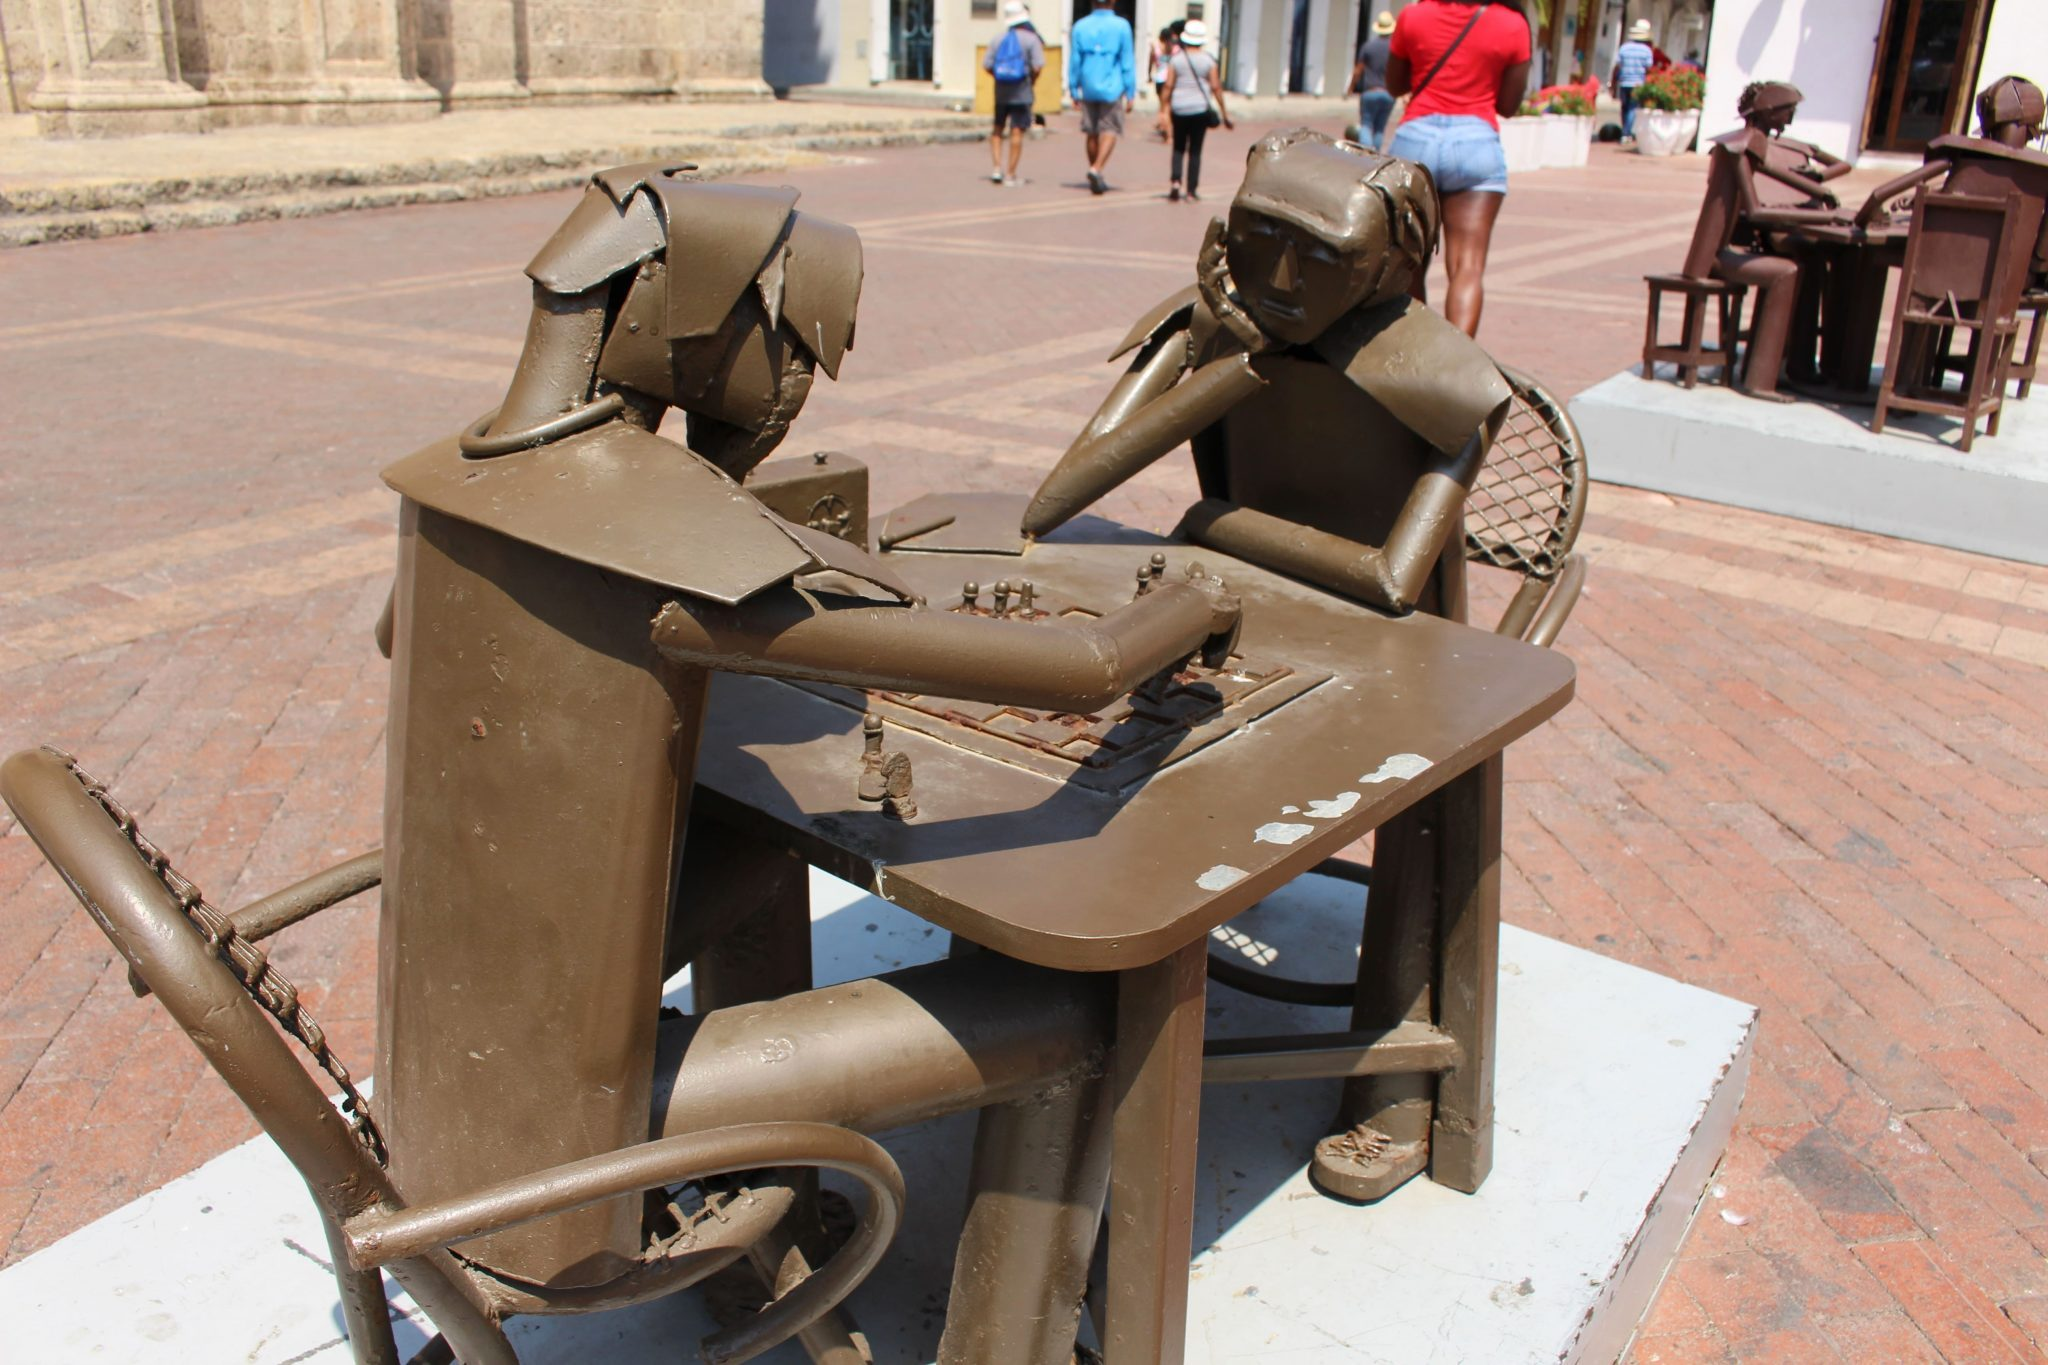 Statues El Centro Cartagena